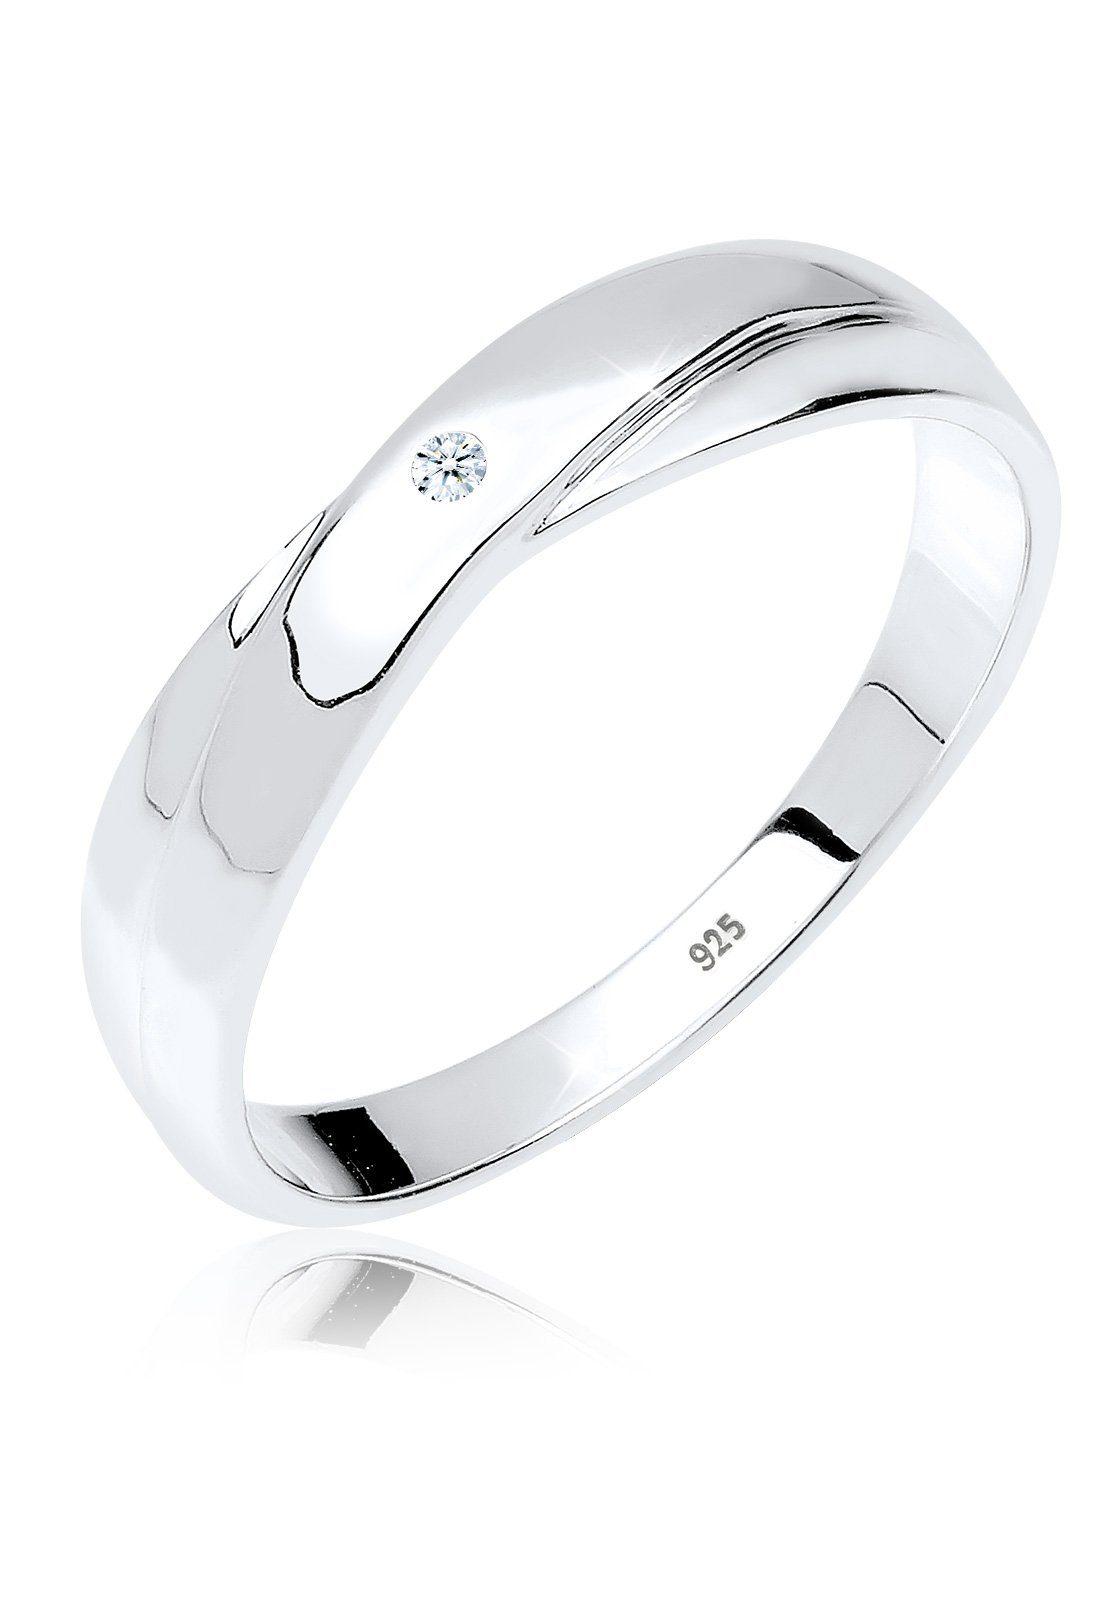 0 Kaufen Verlobung Ct925 Online Silber« Diamore Ring »geschenkidee Diamant 02 QBdCxoeWrE